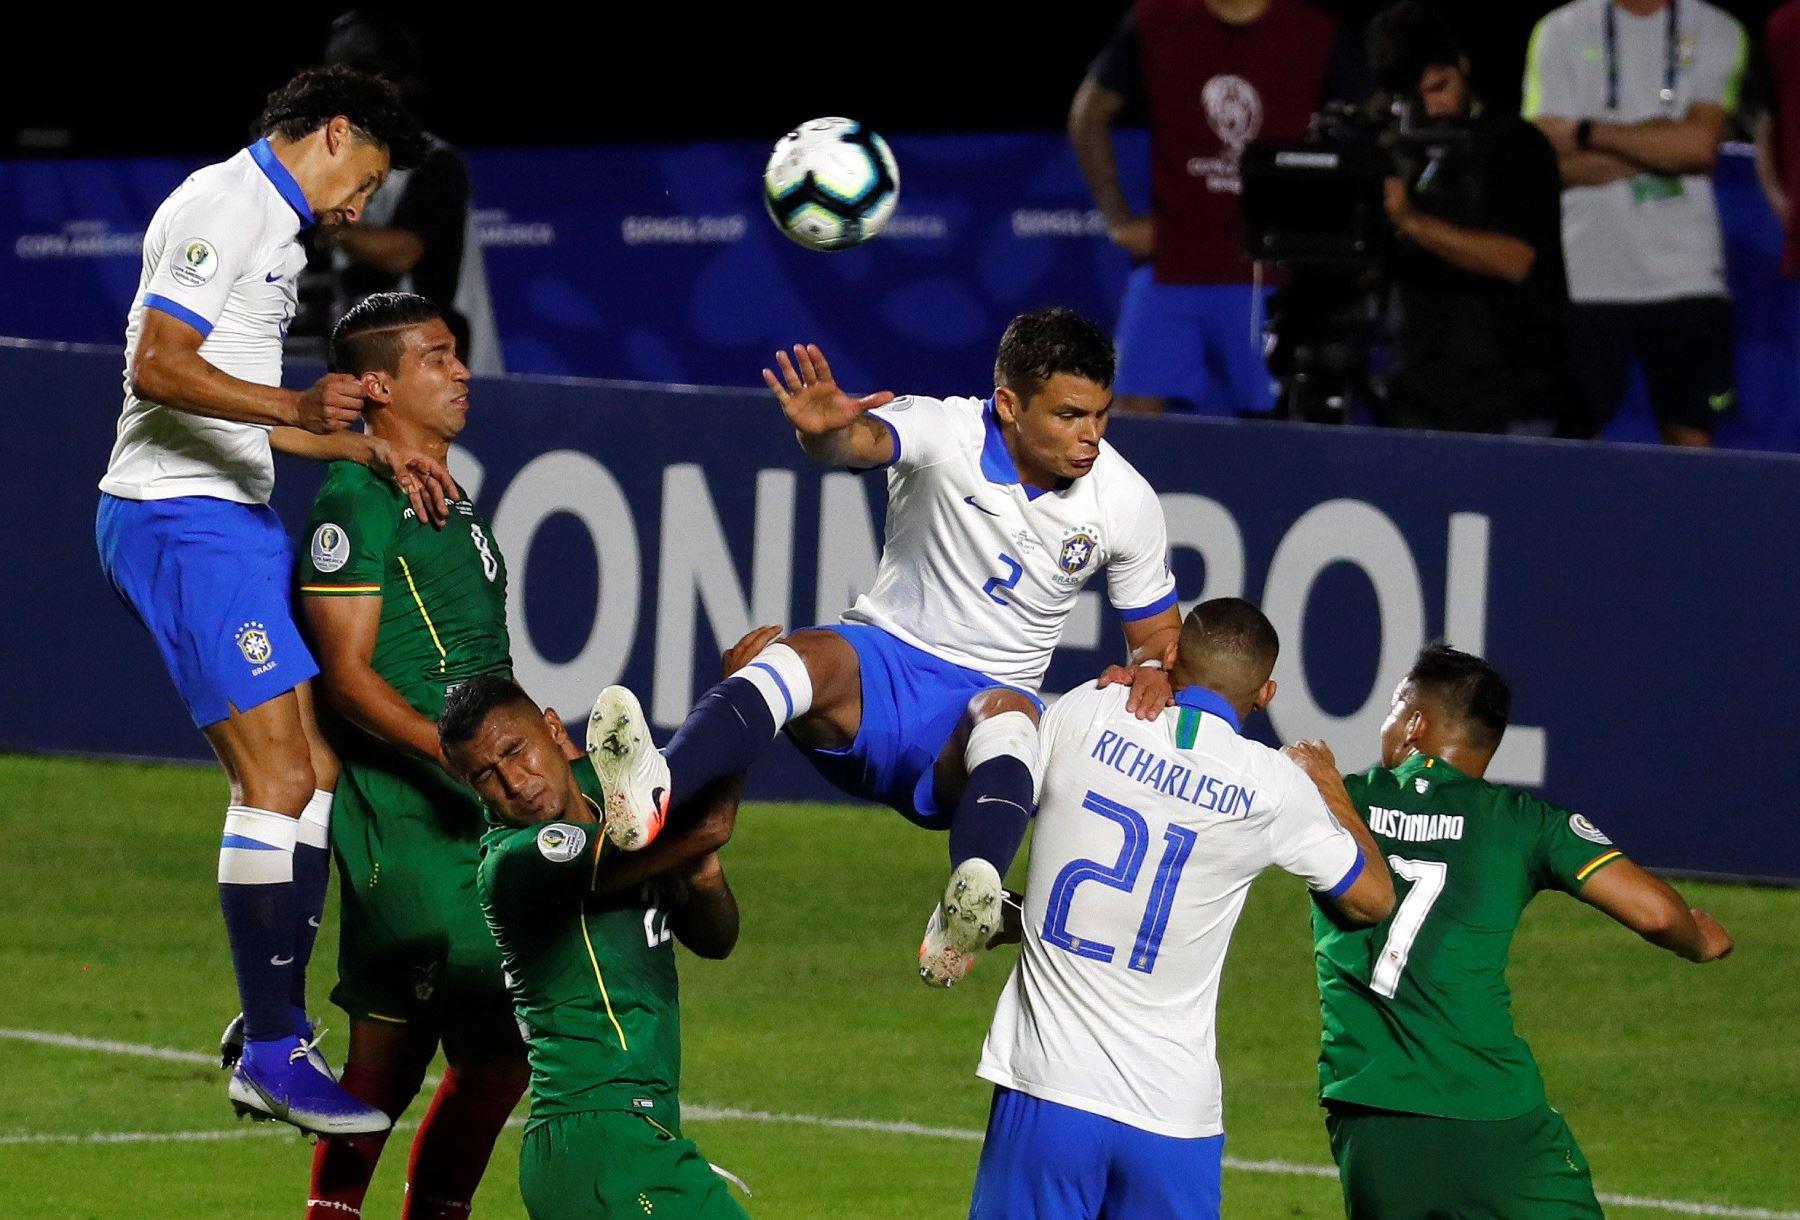 El jugador de Brasil Thiago Silva (c) salta por el balón en el partido inaugural entre Brasil y Bolivia del Grupo A en la Copa América de Fútbol 2019, en el Estadio Morumbi de São Paulo, Brasil.Foto.AFP